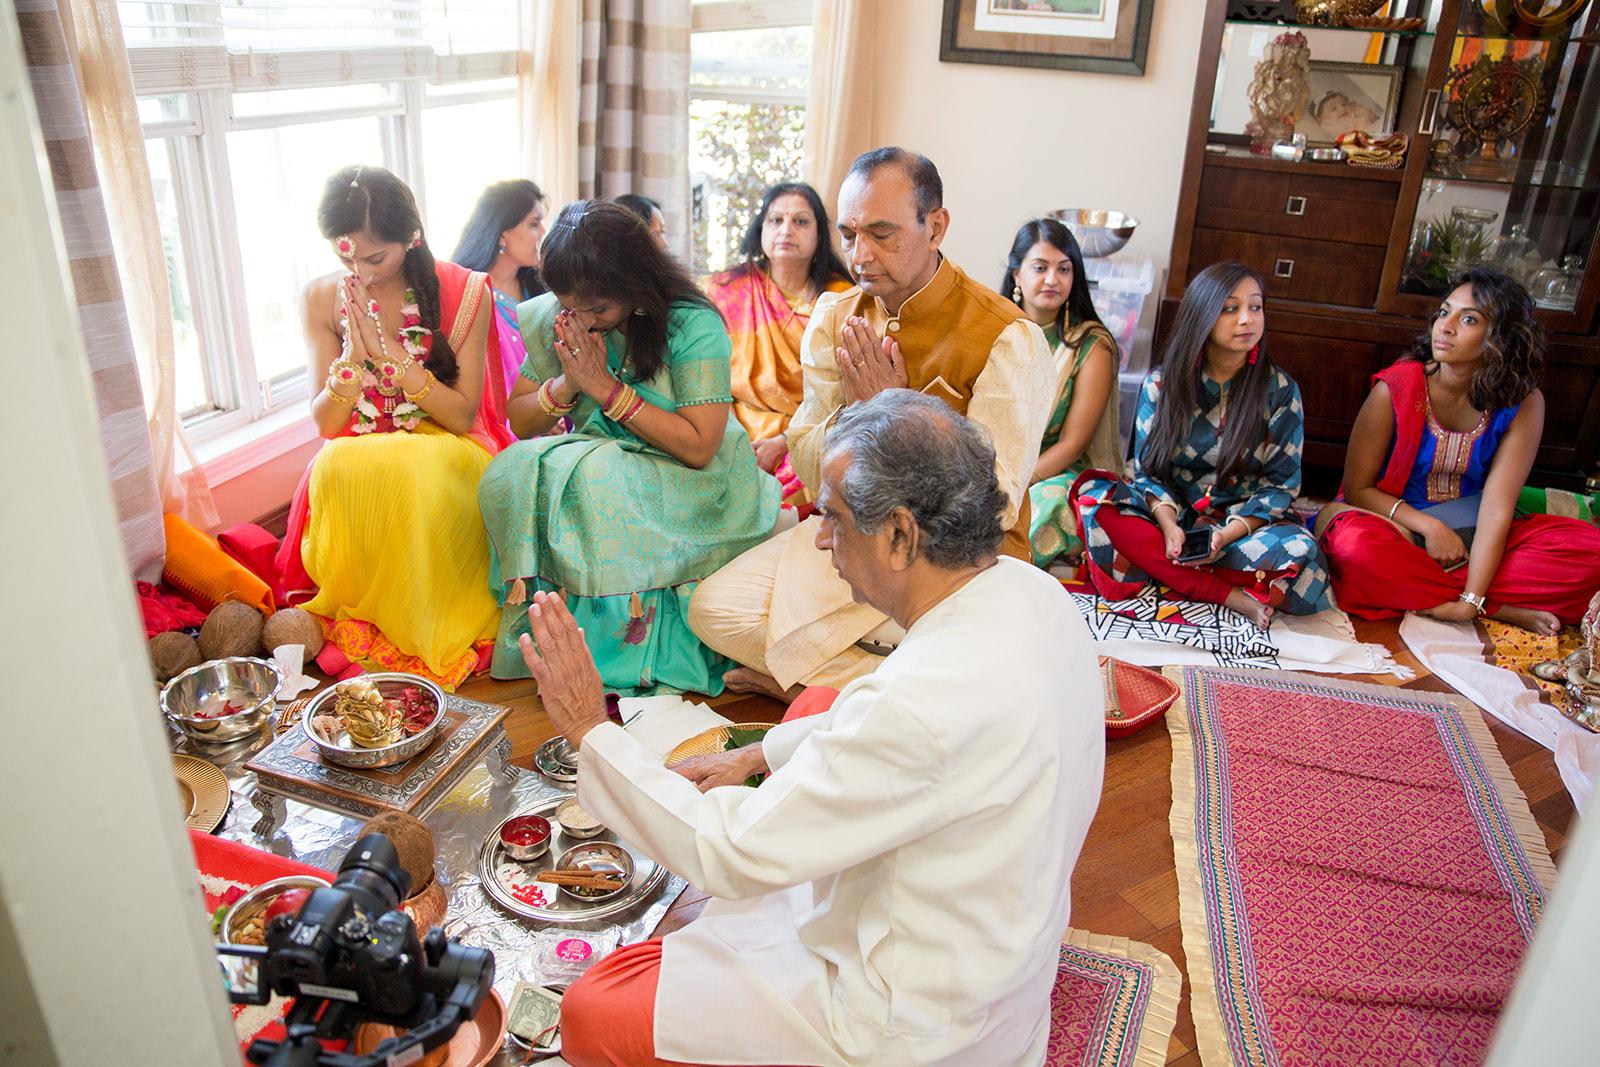 Le Cape Weddings - Puja and Kheelan - Pithi A   -17.jpg